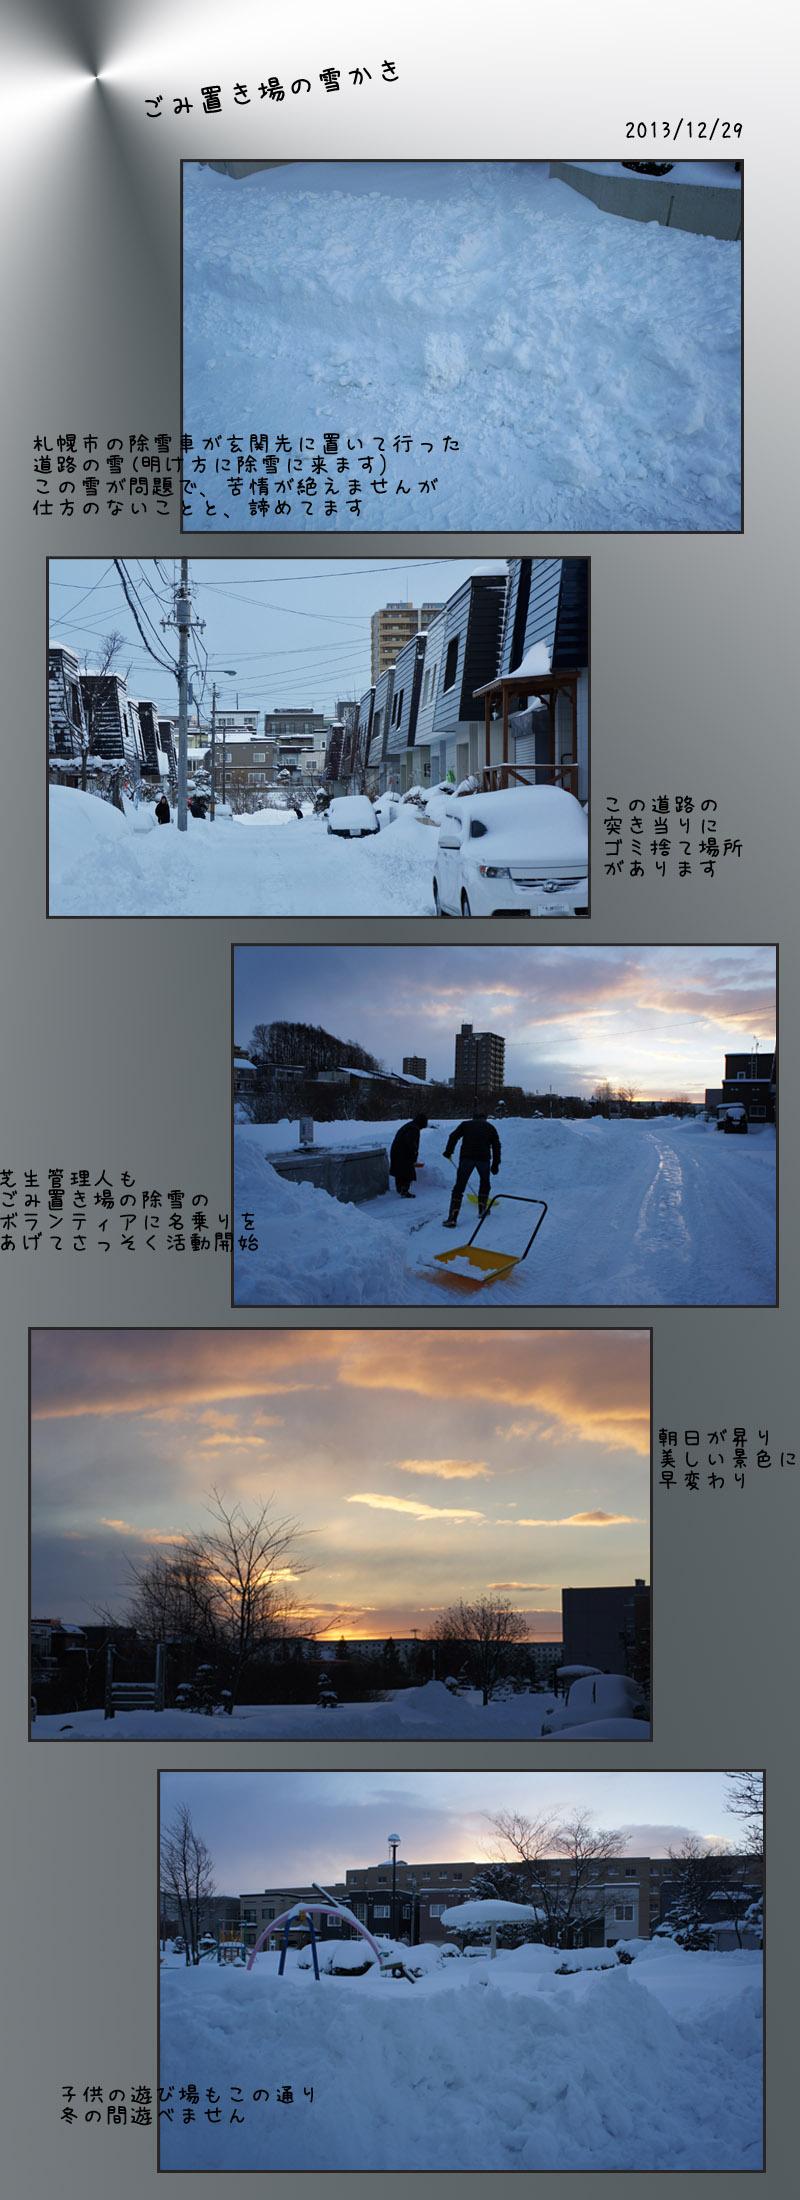 ゴミステーションの除雪_b0019313_17213159.jpg